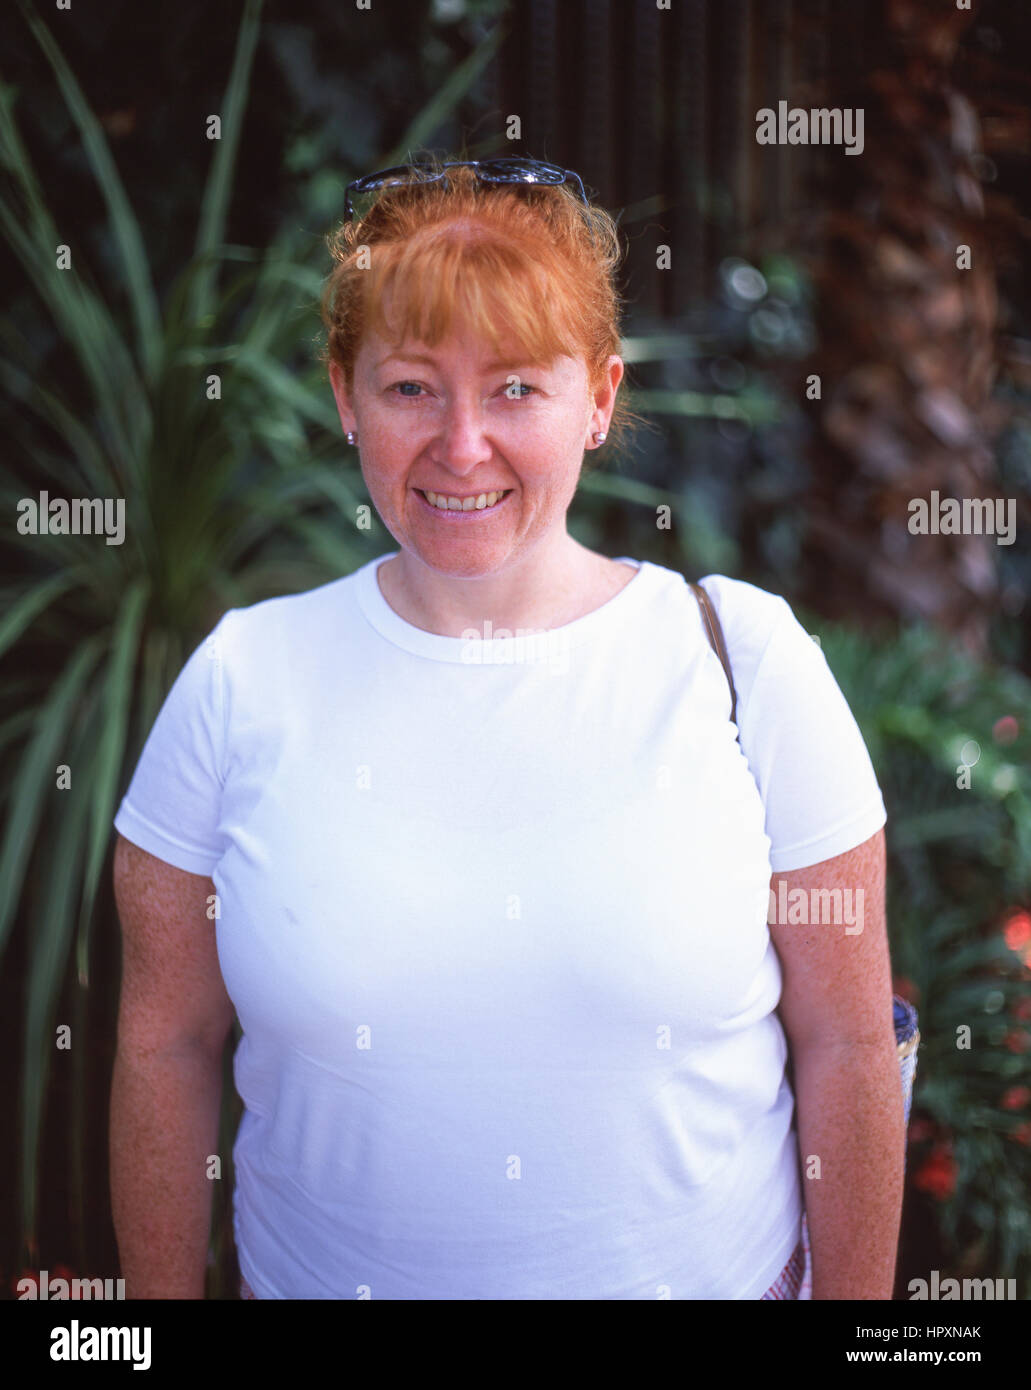 Los jóvenes rojo-headed woman (30'S), Surrey, Inglaterra, Reino Unido Imagen De Stock